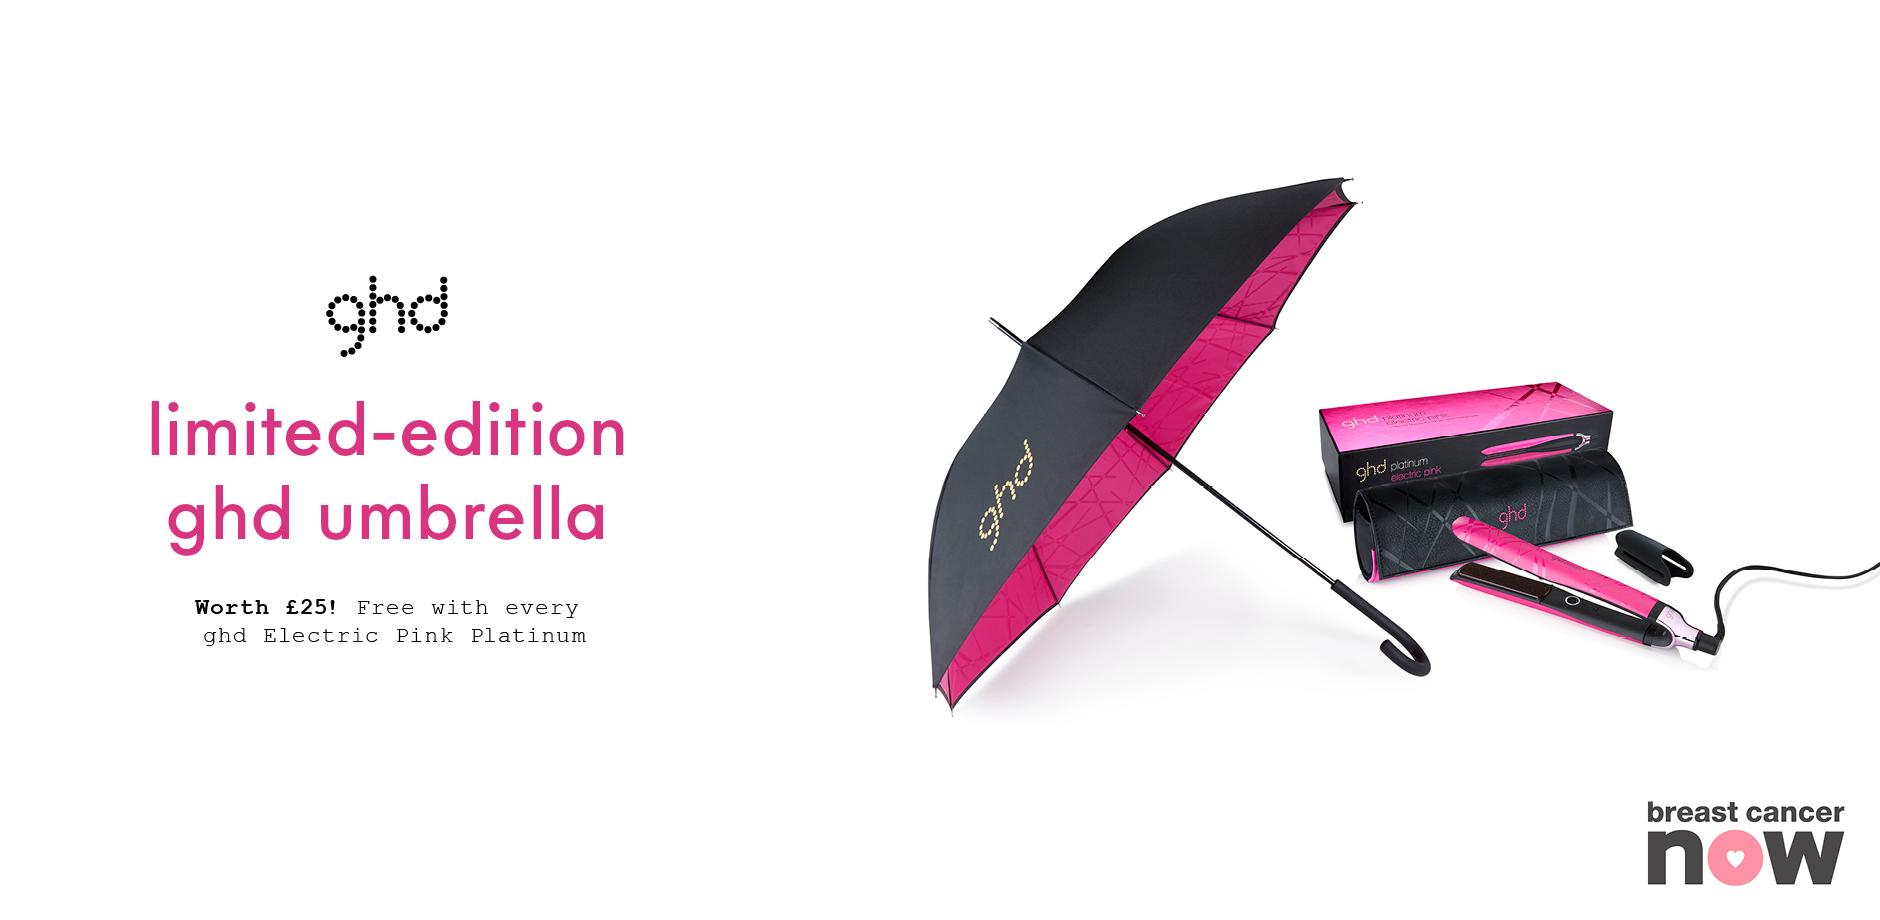 electric pink umbrella